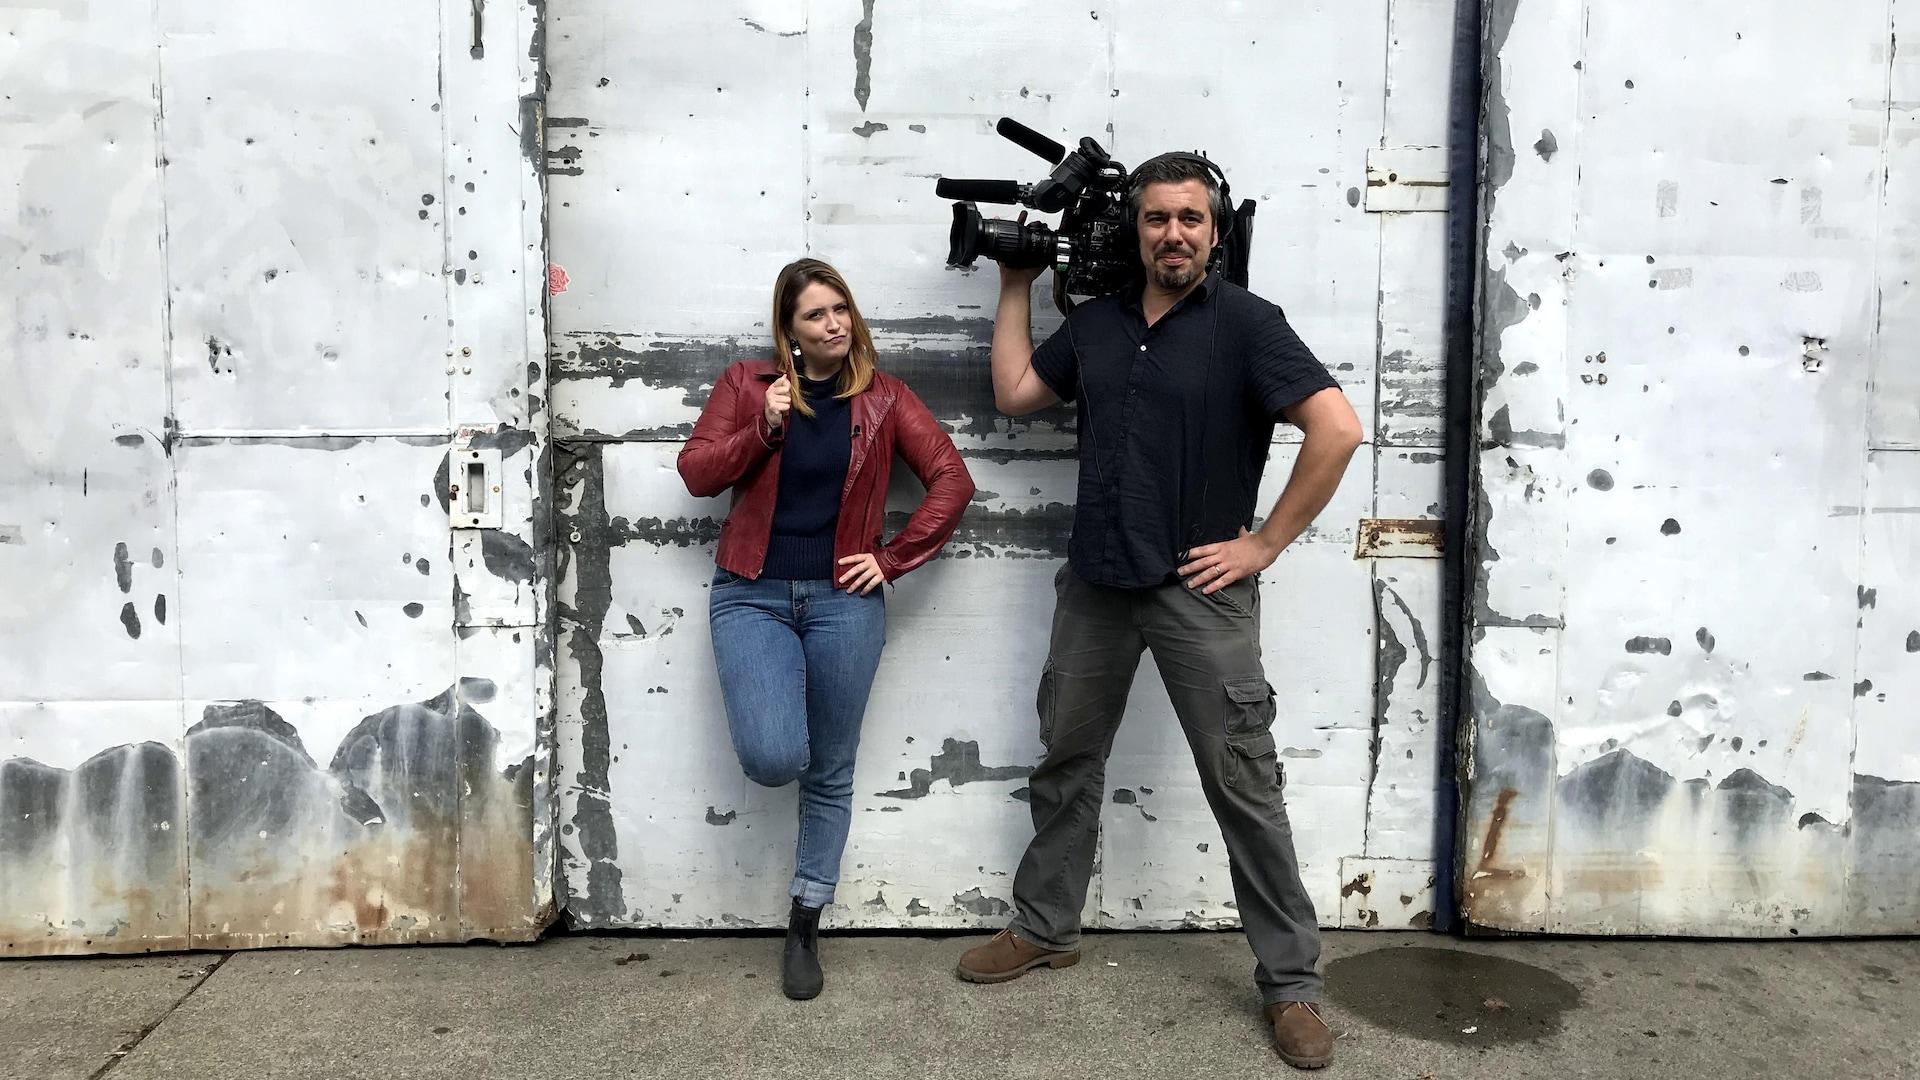 Une femme et un homme avec caméra à l'épaule devant un mur à la peinture délabrée d'une ruelle de Vancouver.